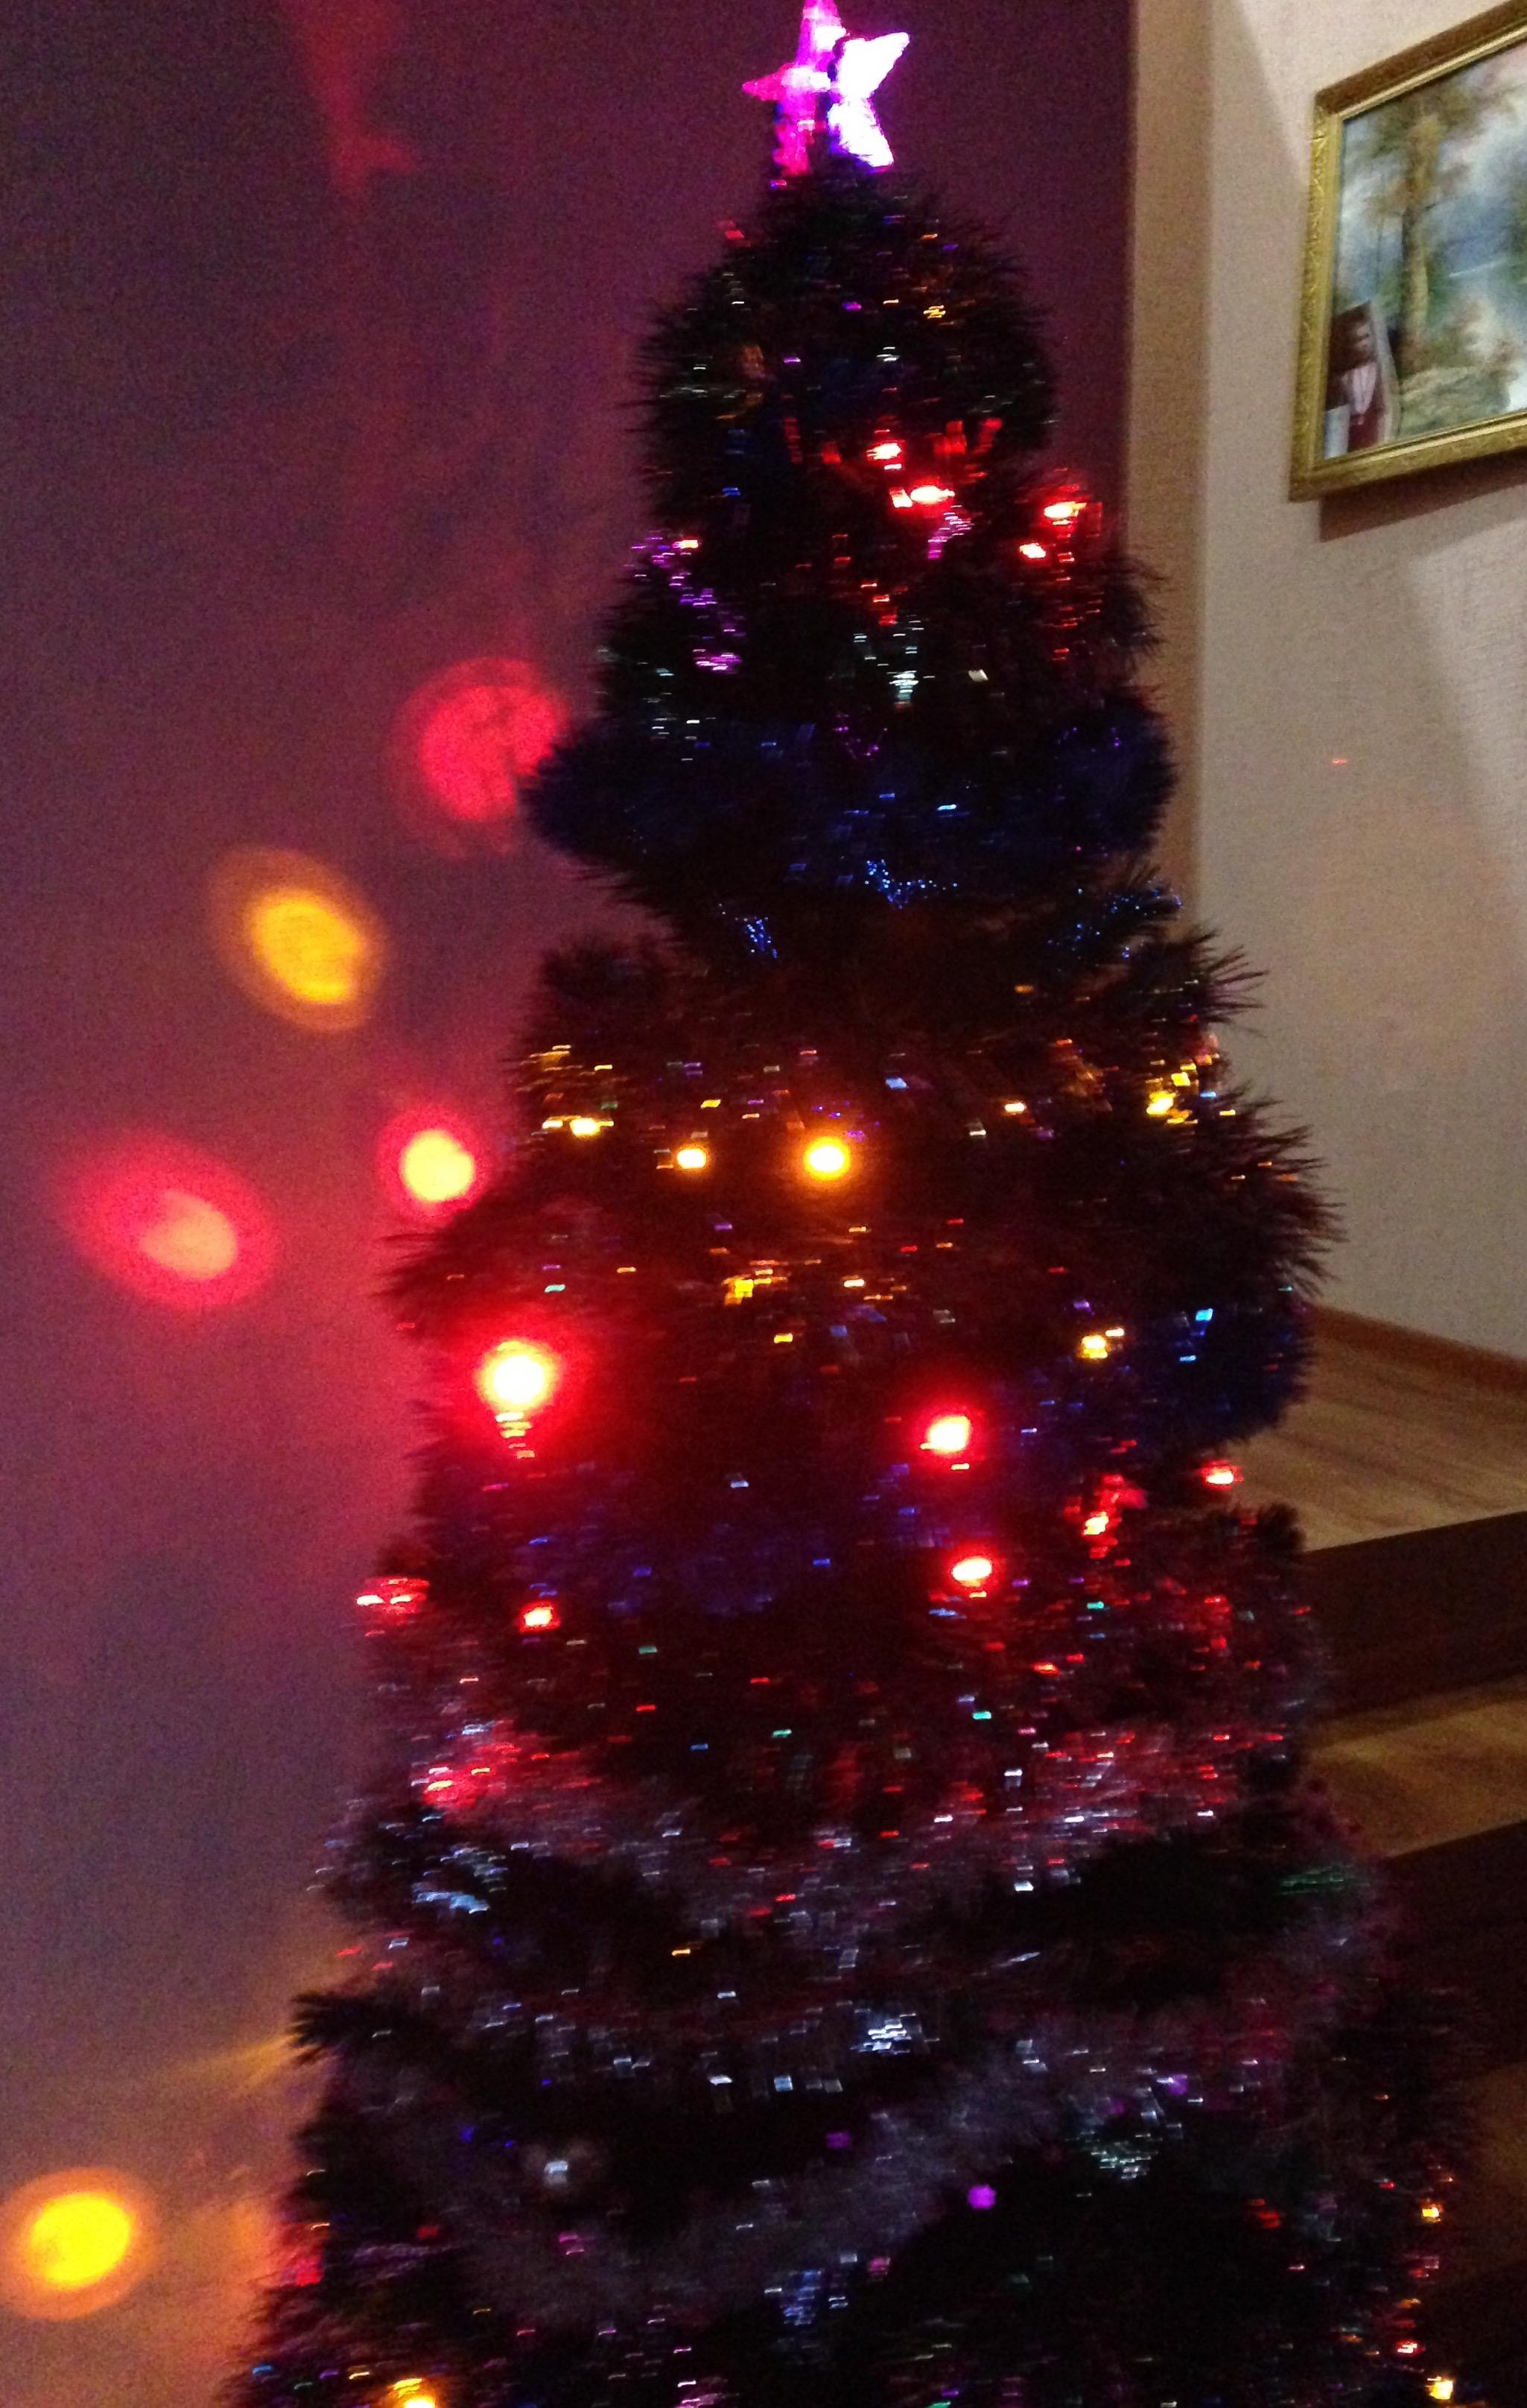 С Новым годом!🎄 Ура!. Блиц: новогодняя елка